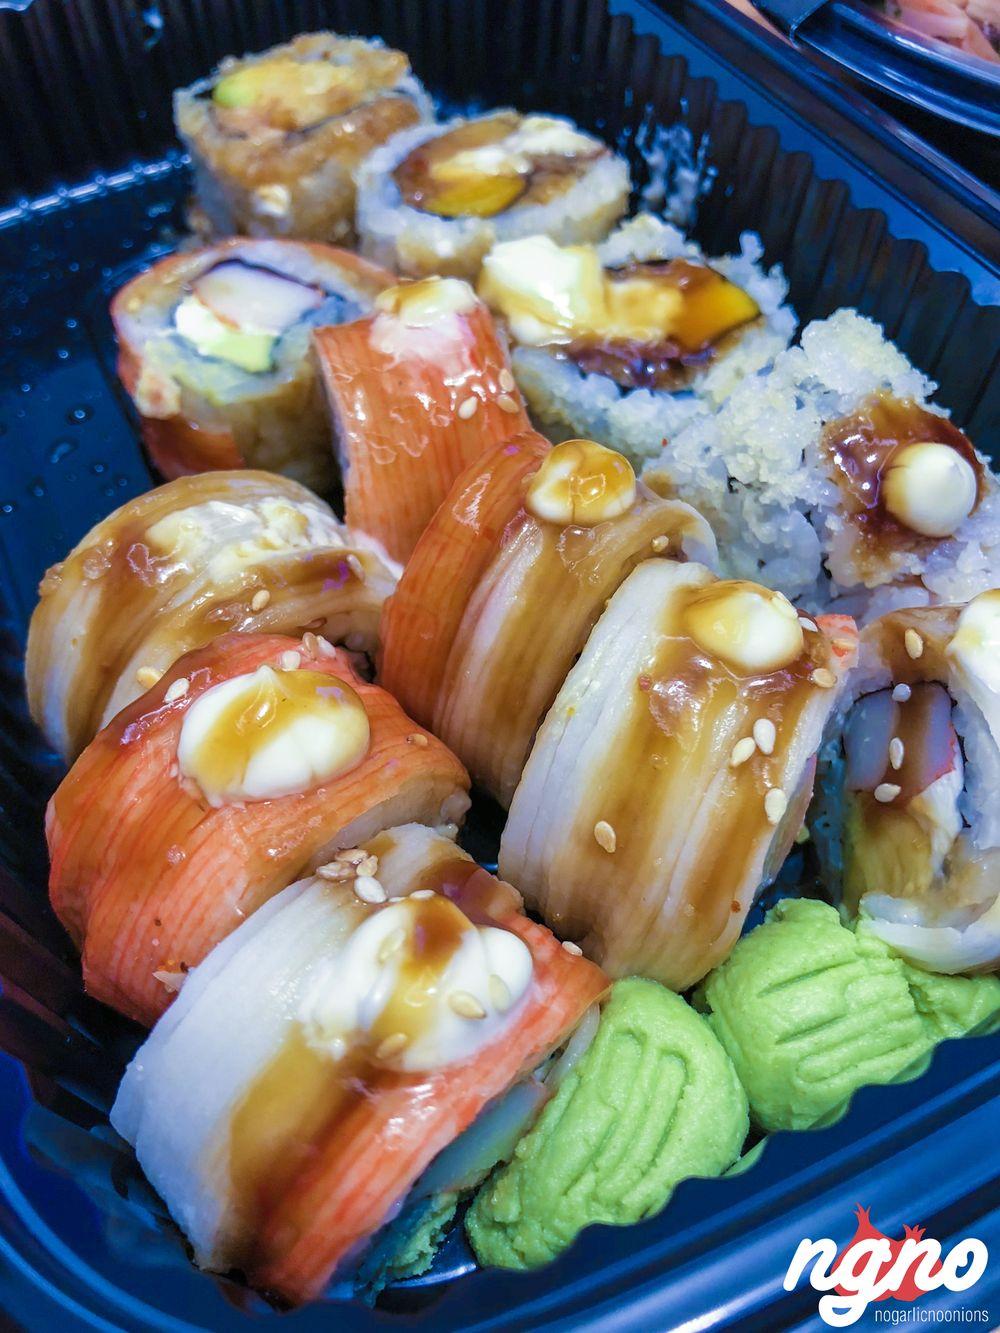 obi-sushi-nogarlicnoonions-142018-08-24-11-18-01